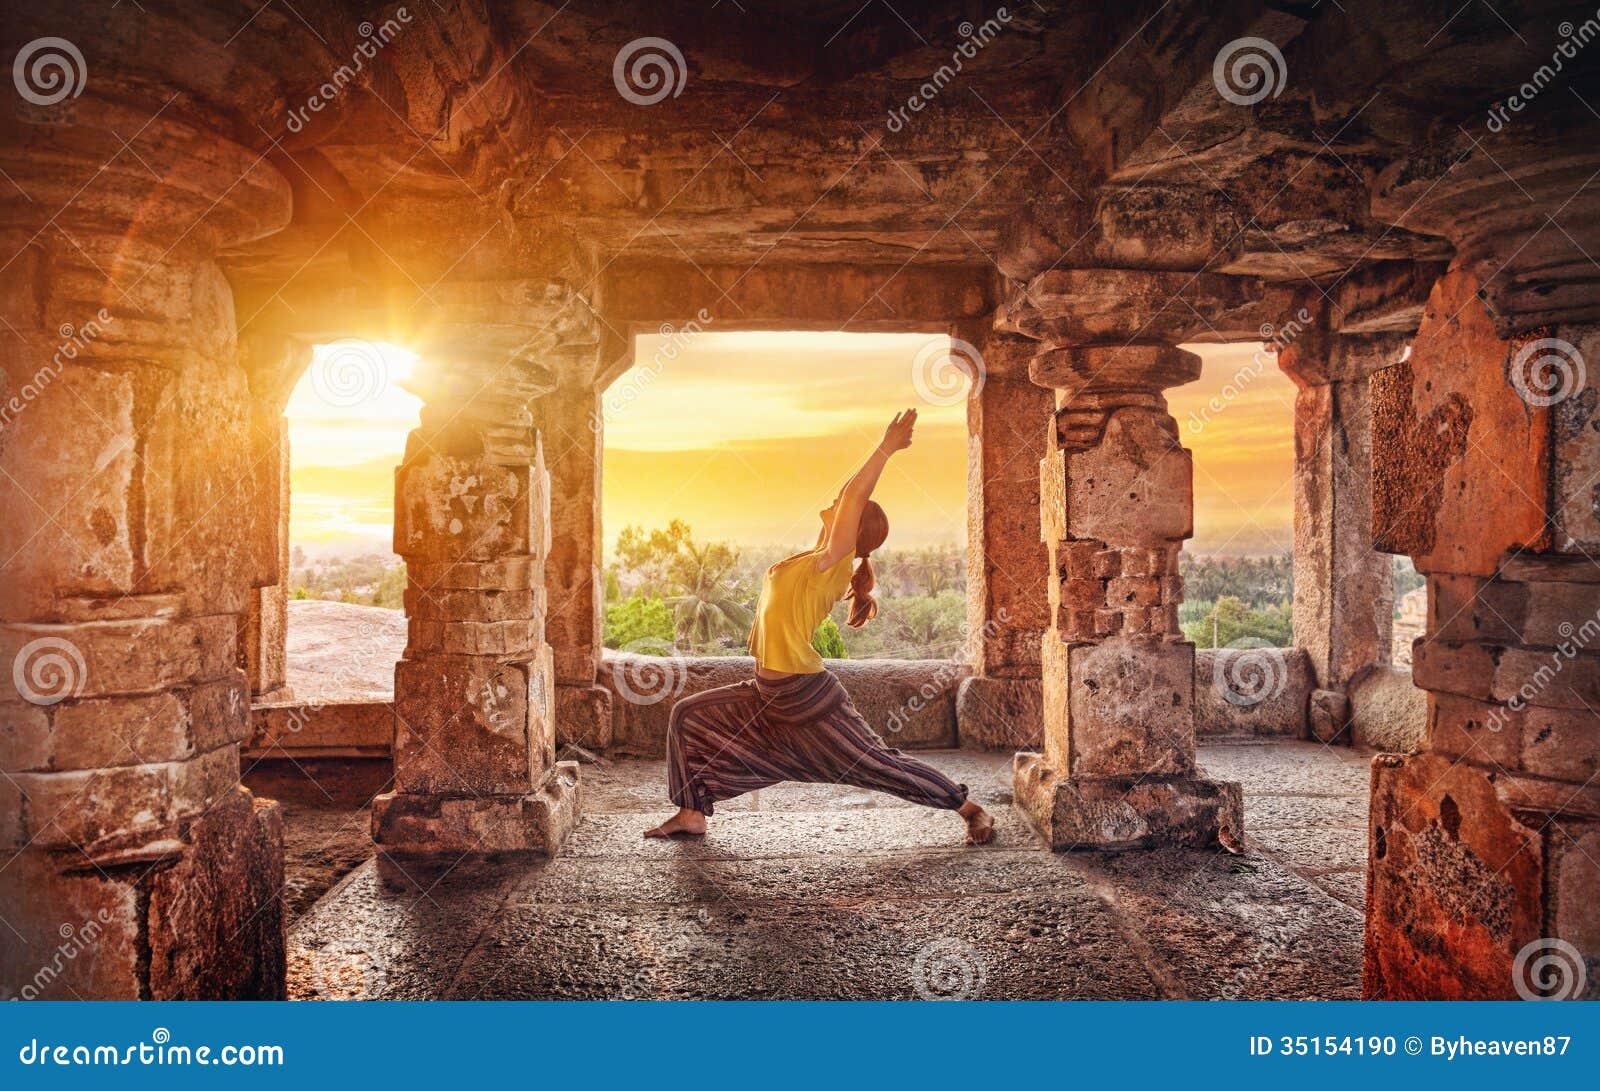 Yoga in Hampi temple